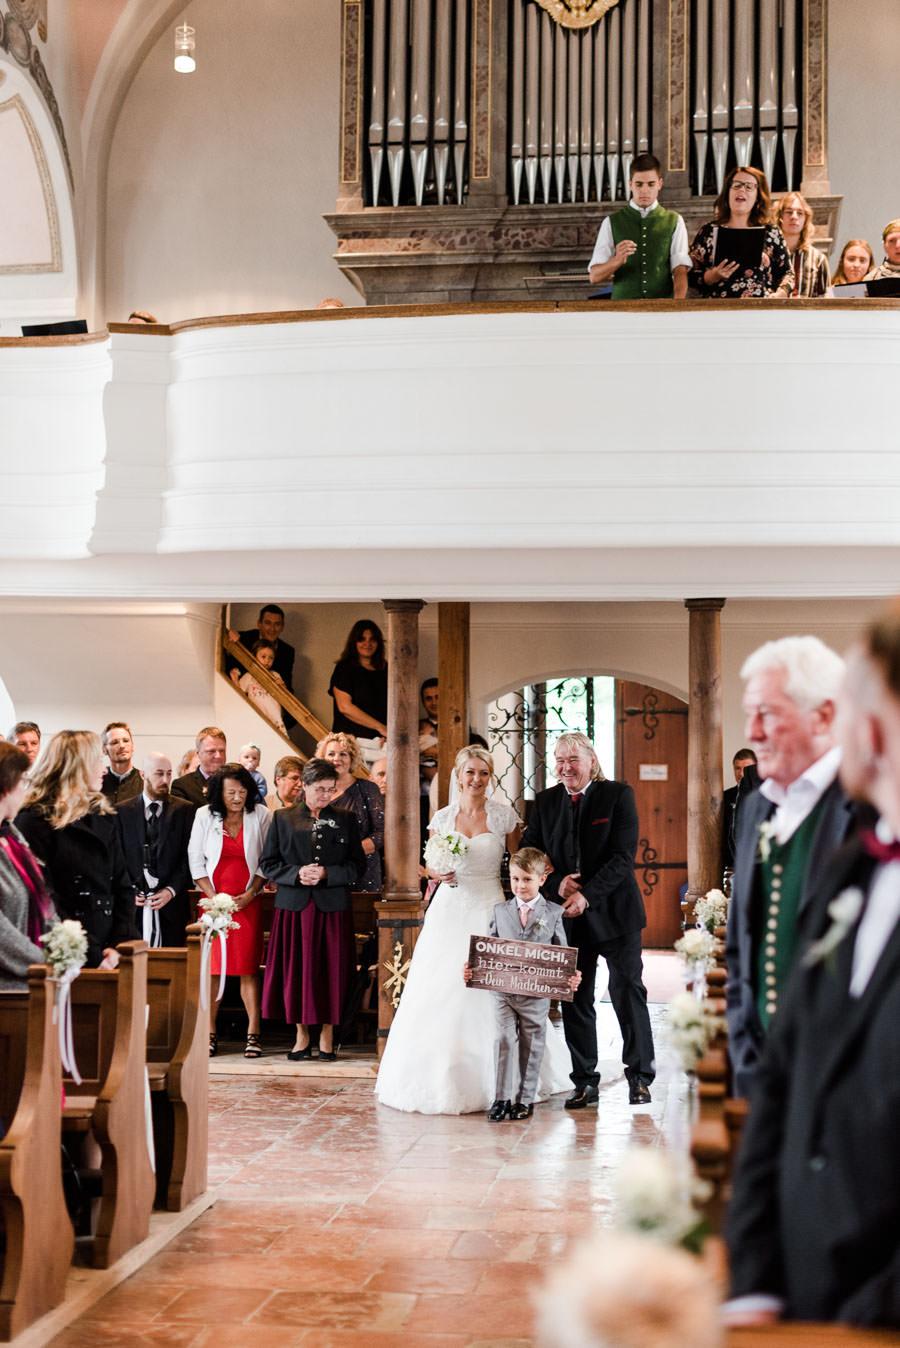 Einzug der Braut in die Kirche, zusammen mit dem Brautvater